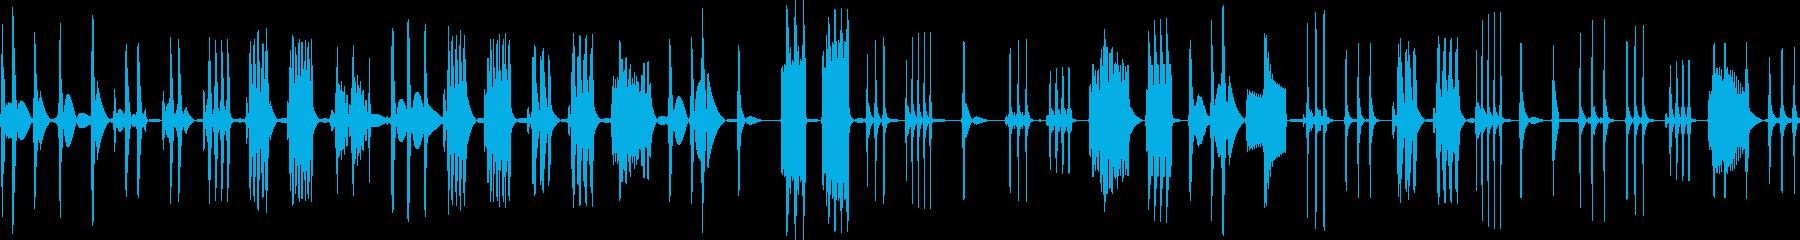 ランダム合成0611 ZGの再生済みの波形